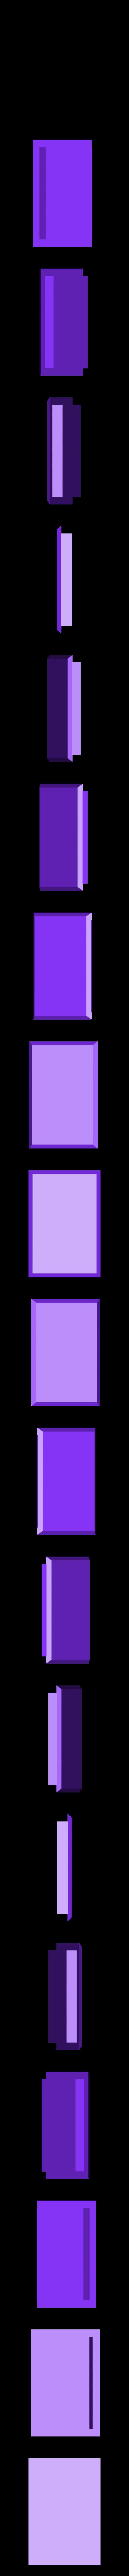 BlockBack06_01.stl Download STL file Playing Card Tiles • Object to 3D print, Jinja